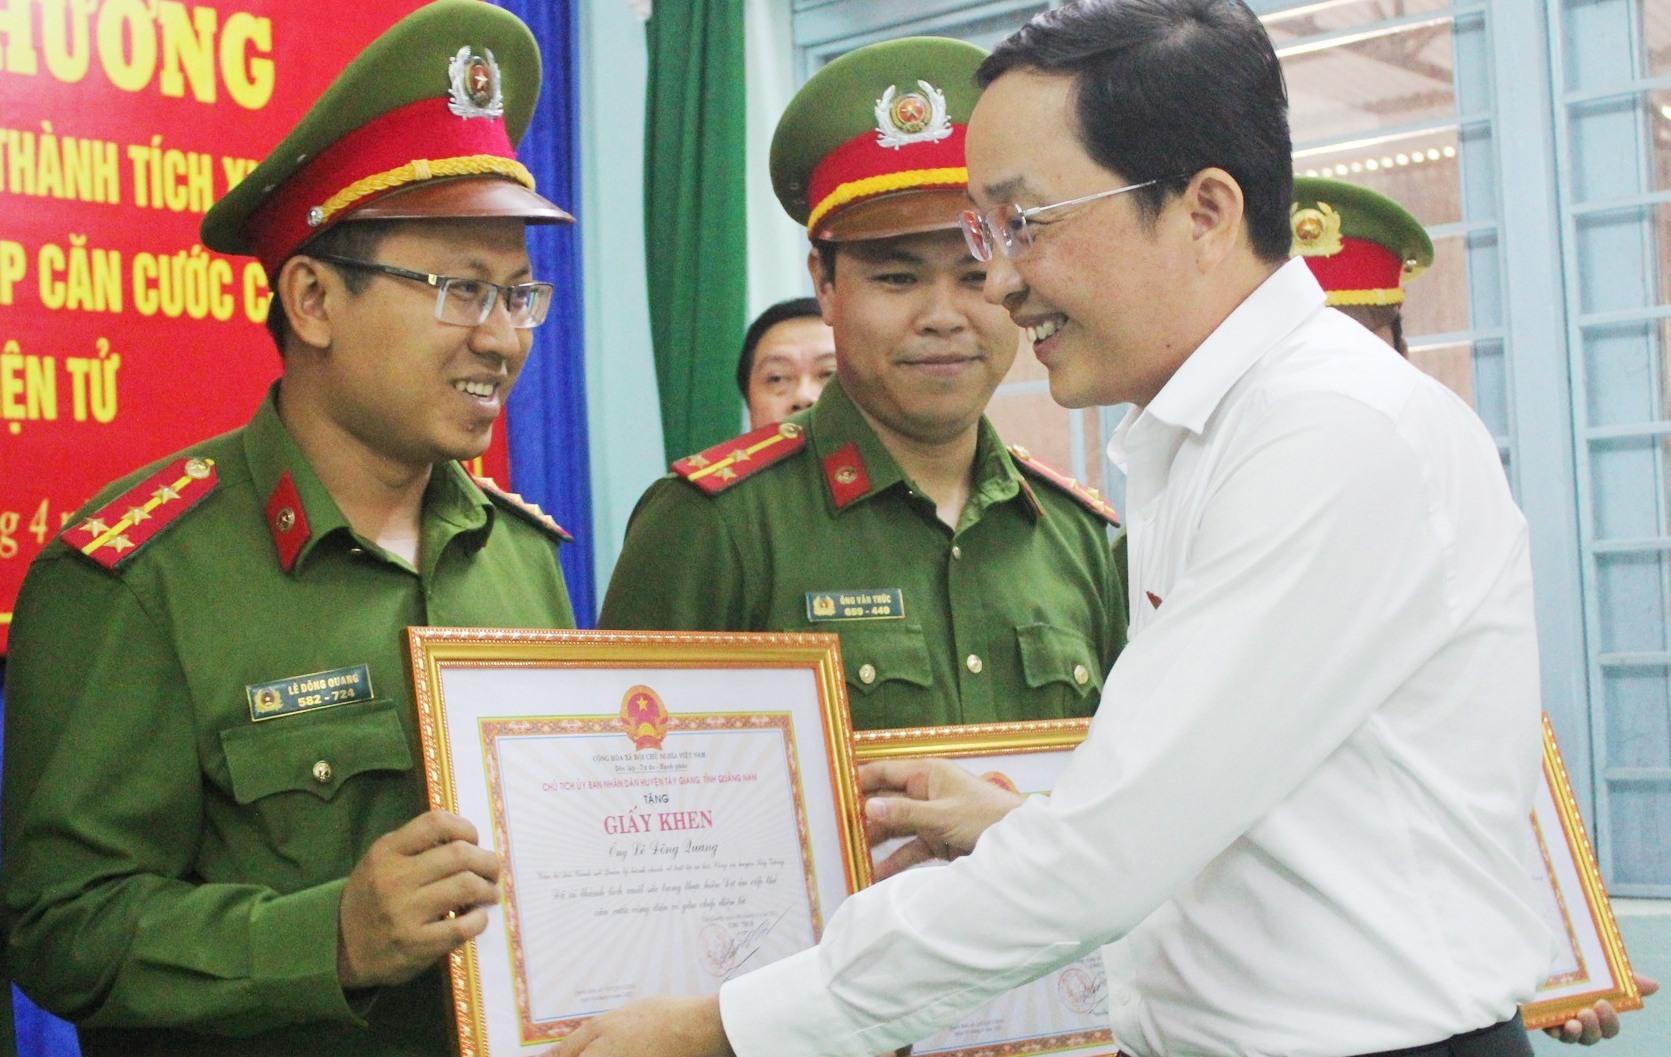 Chủ tịch UBND huyện Tây Giang-Nguyễn Văn Lượm tặng Giấy khen cho các chiến sĩ công an huyện